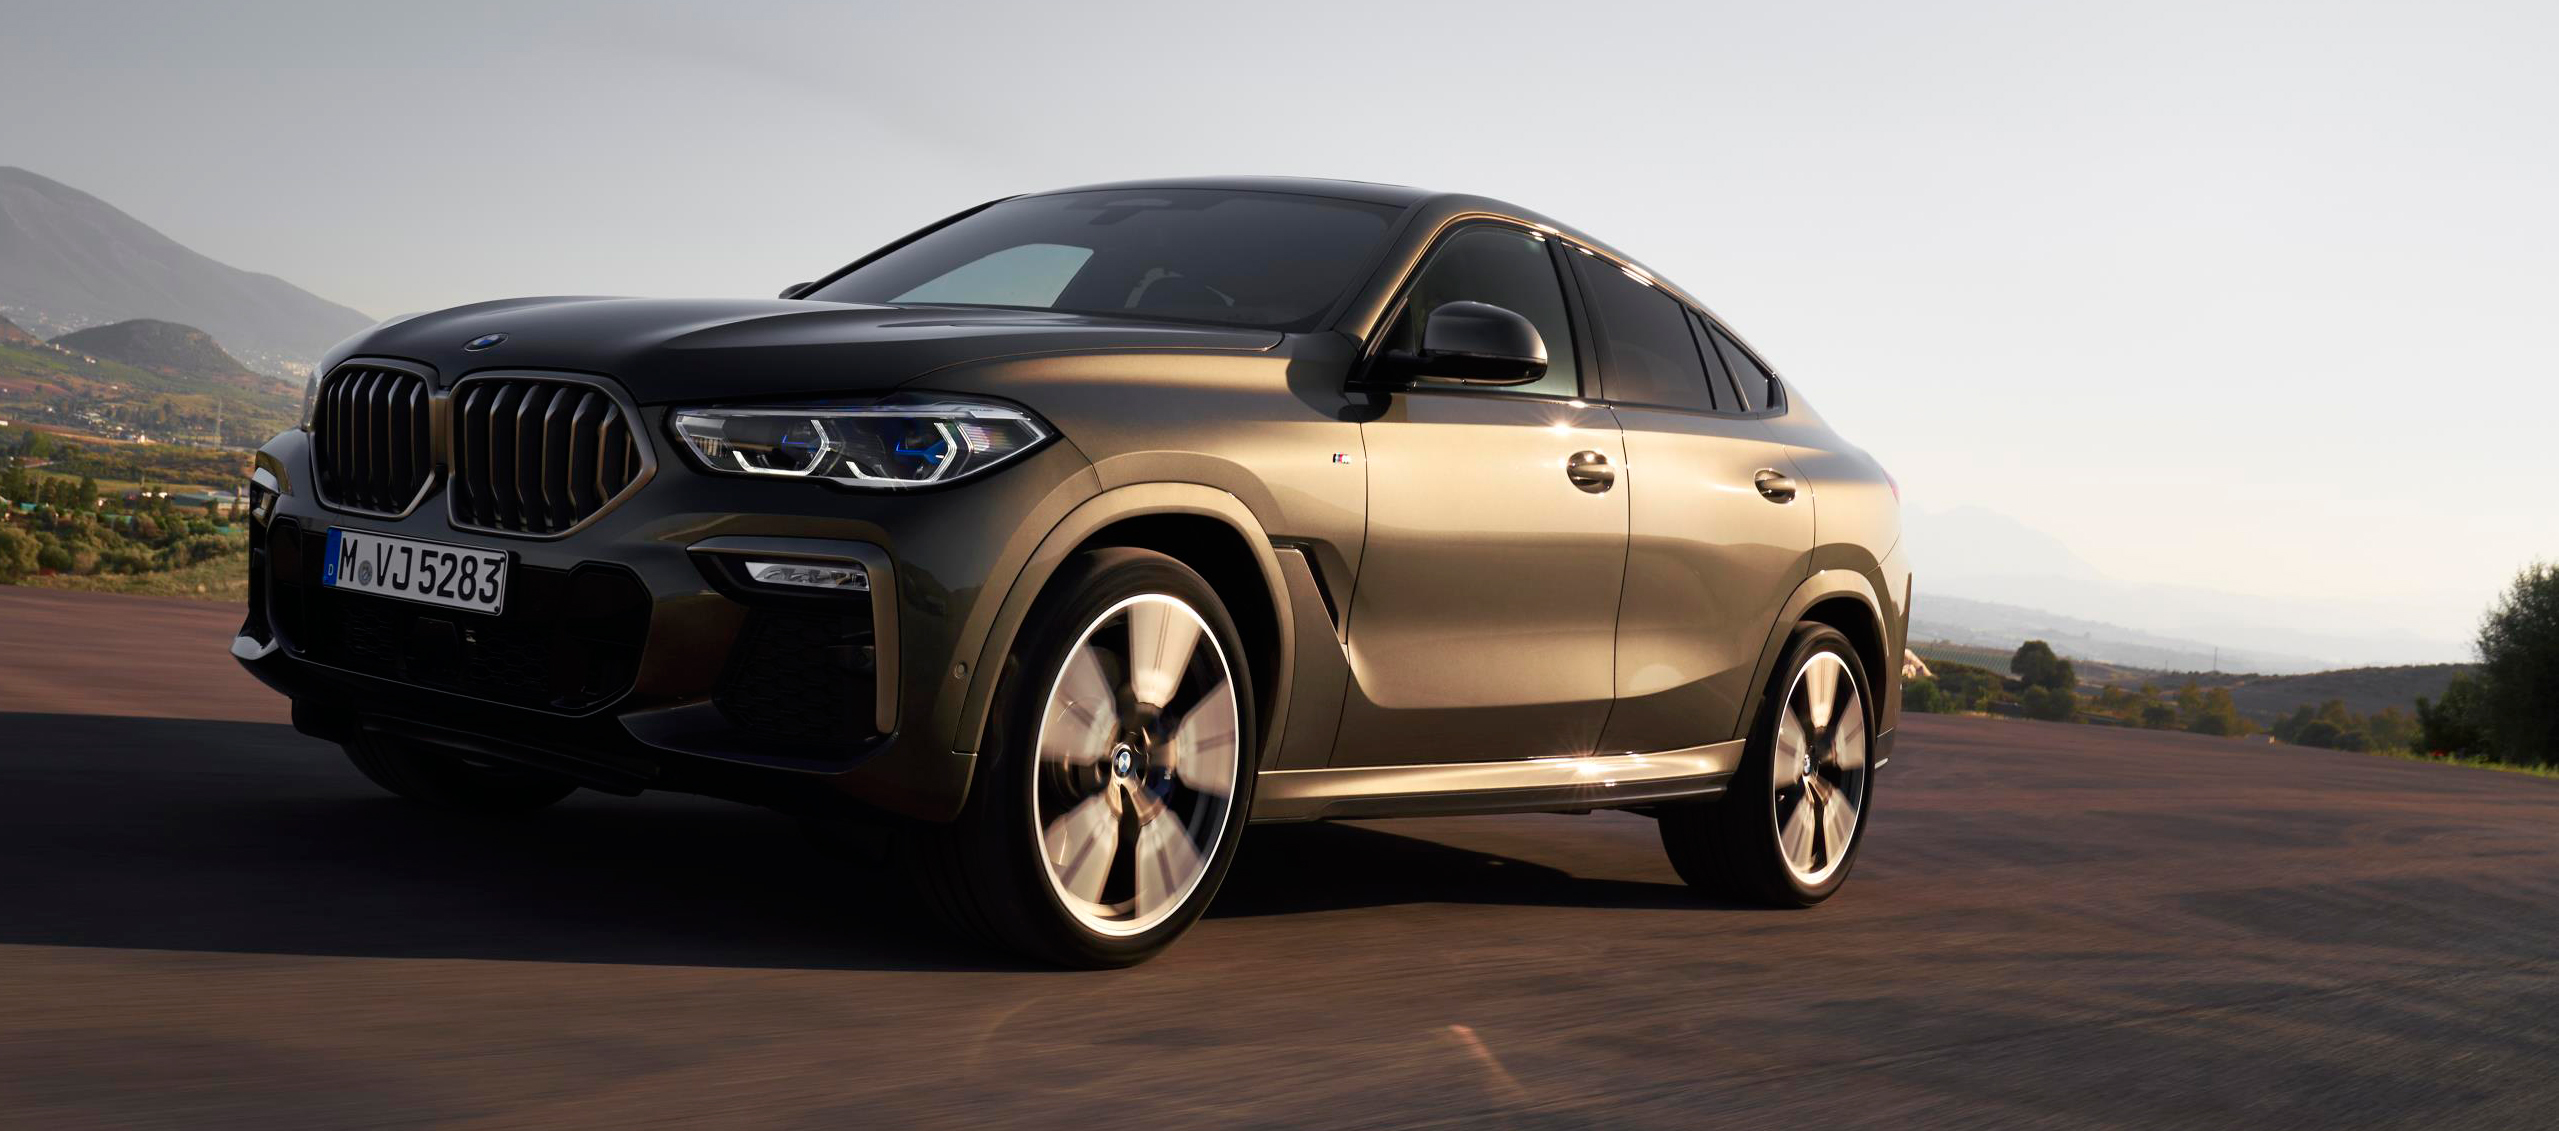 Ya está aquí la 3ª Generación del BMW X6